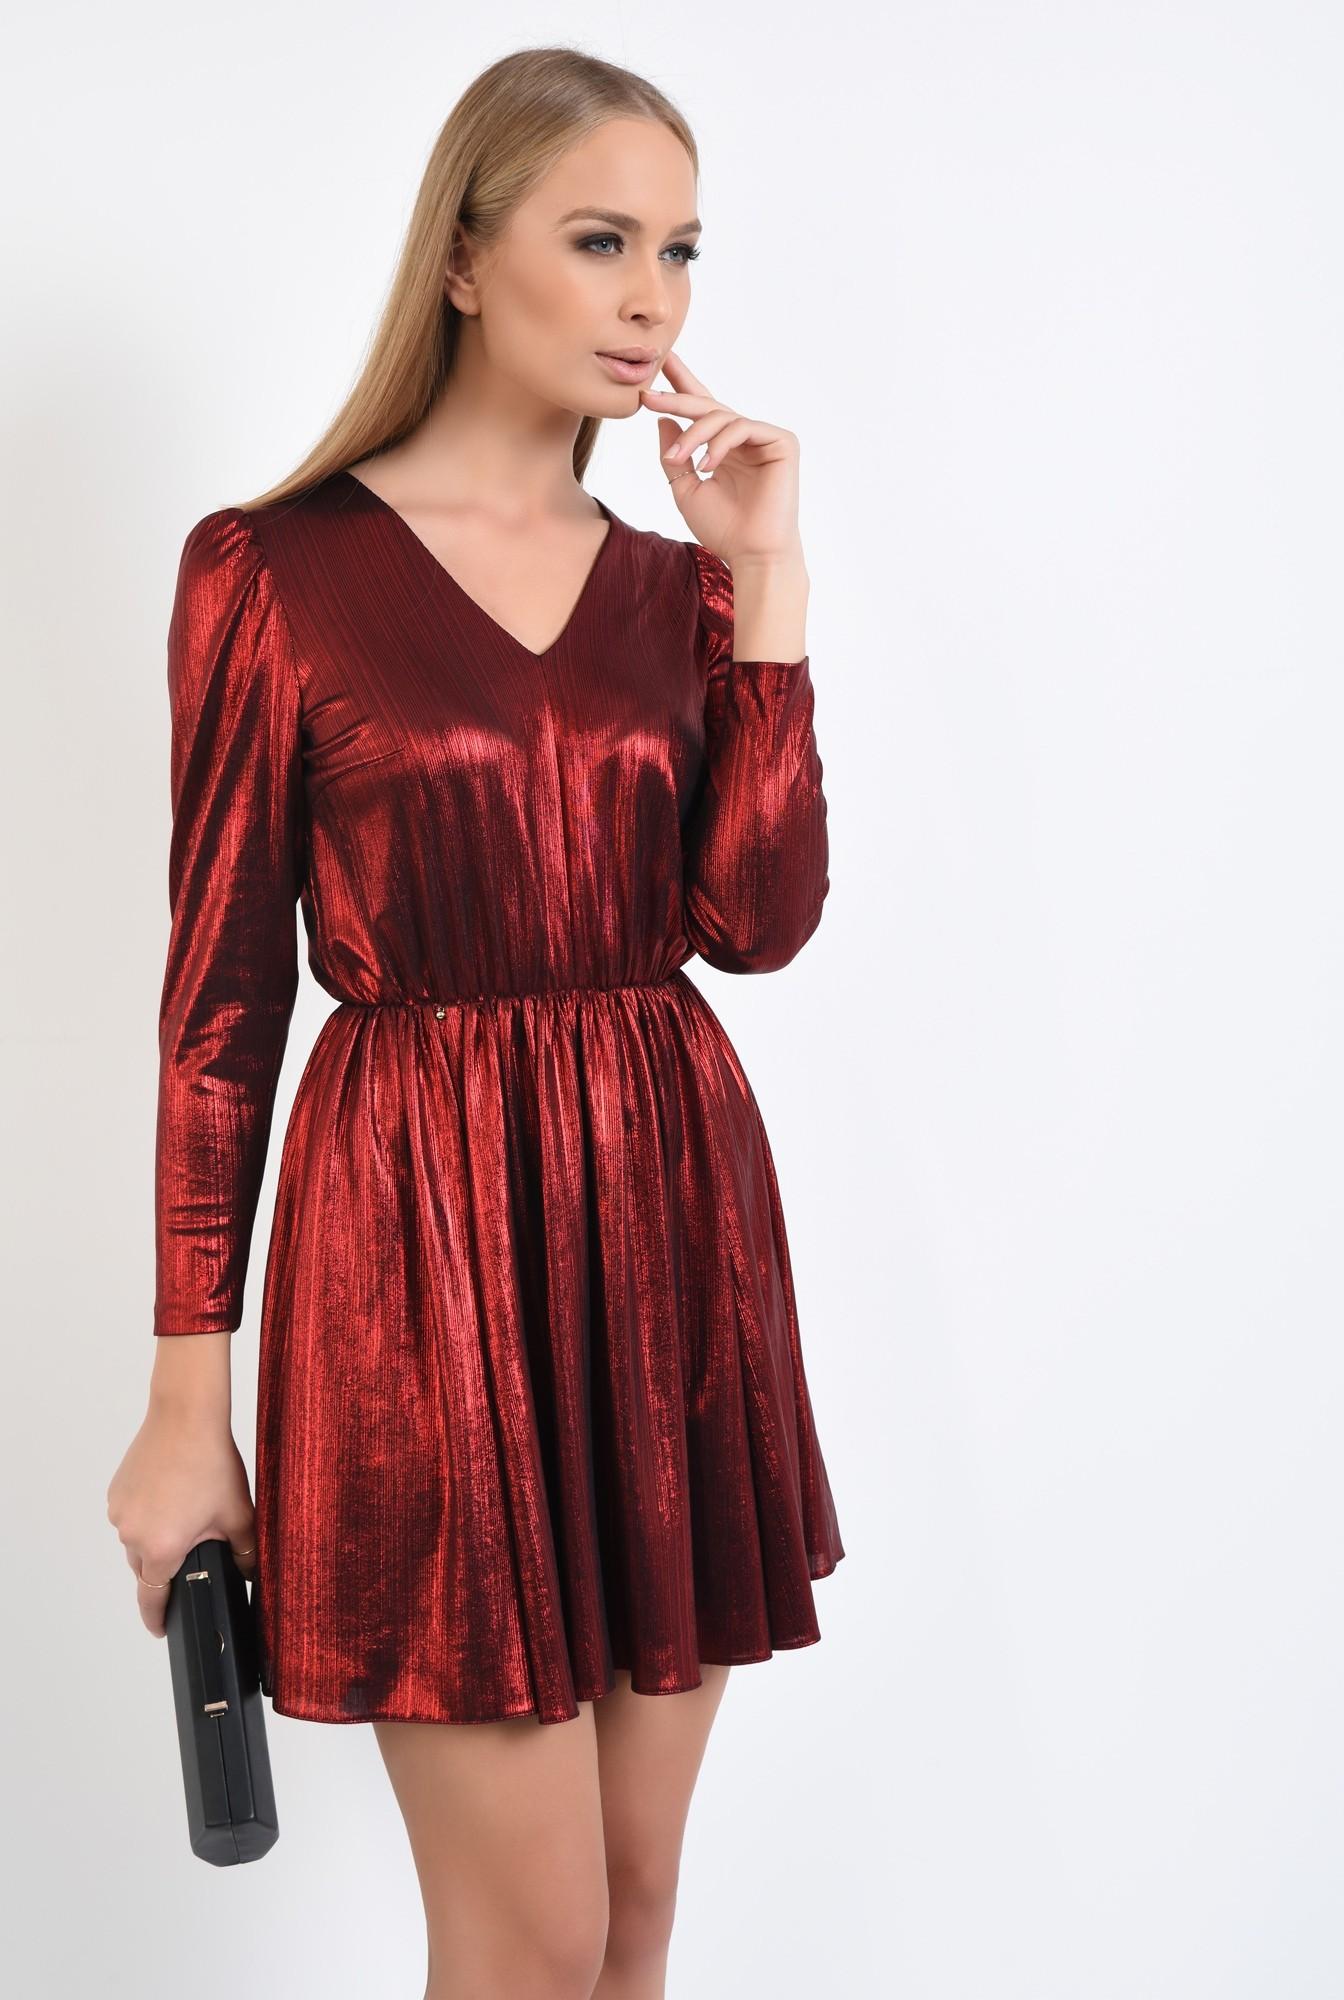 0 - 360 - rochie de seara, scurta, lurex, rosie, clos